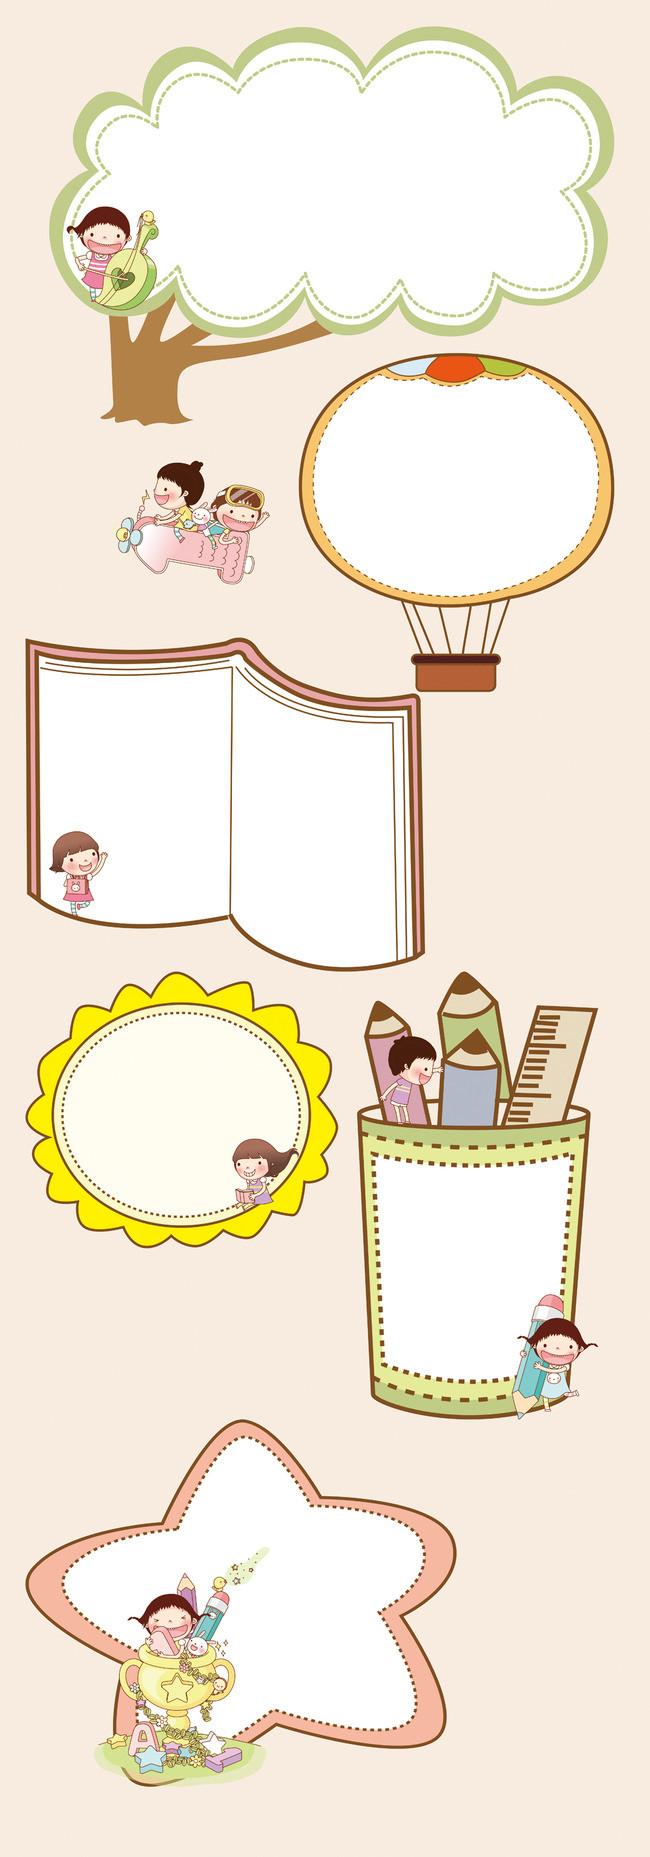 手抄报|小报 其他 其他 > 小报手抄报相册边框素材合集  版权图片